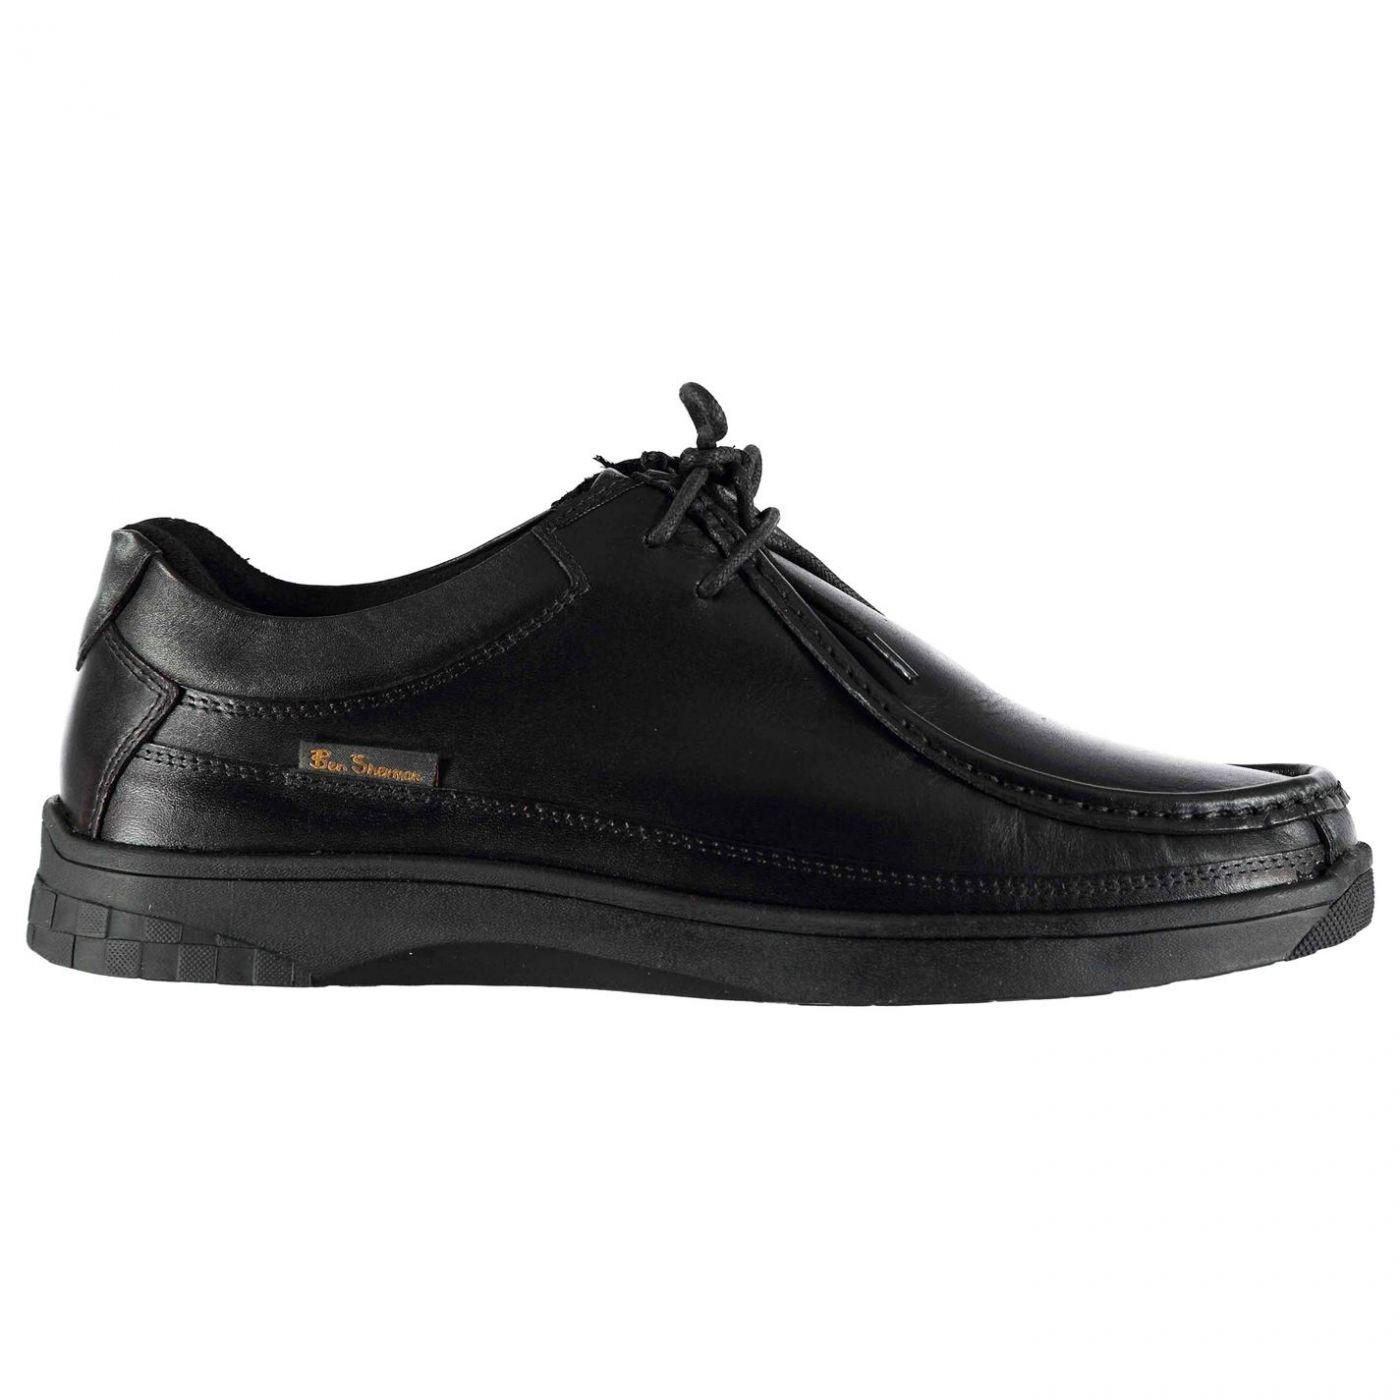 Ben Sherman Ferdy Shoes